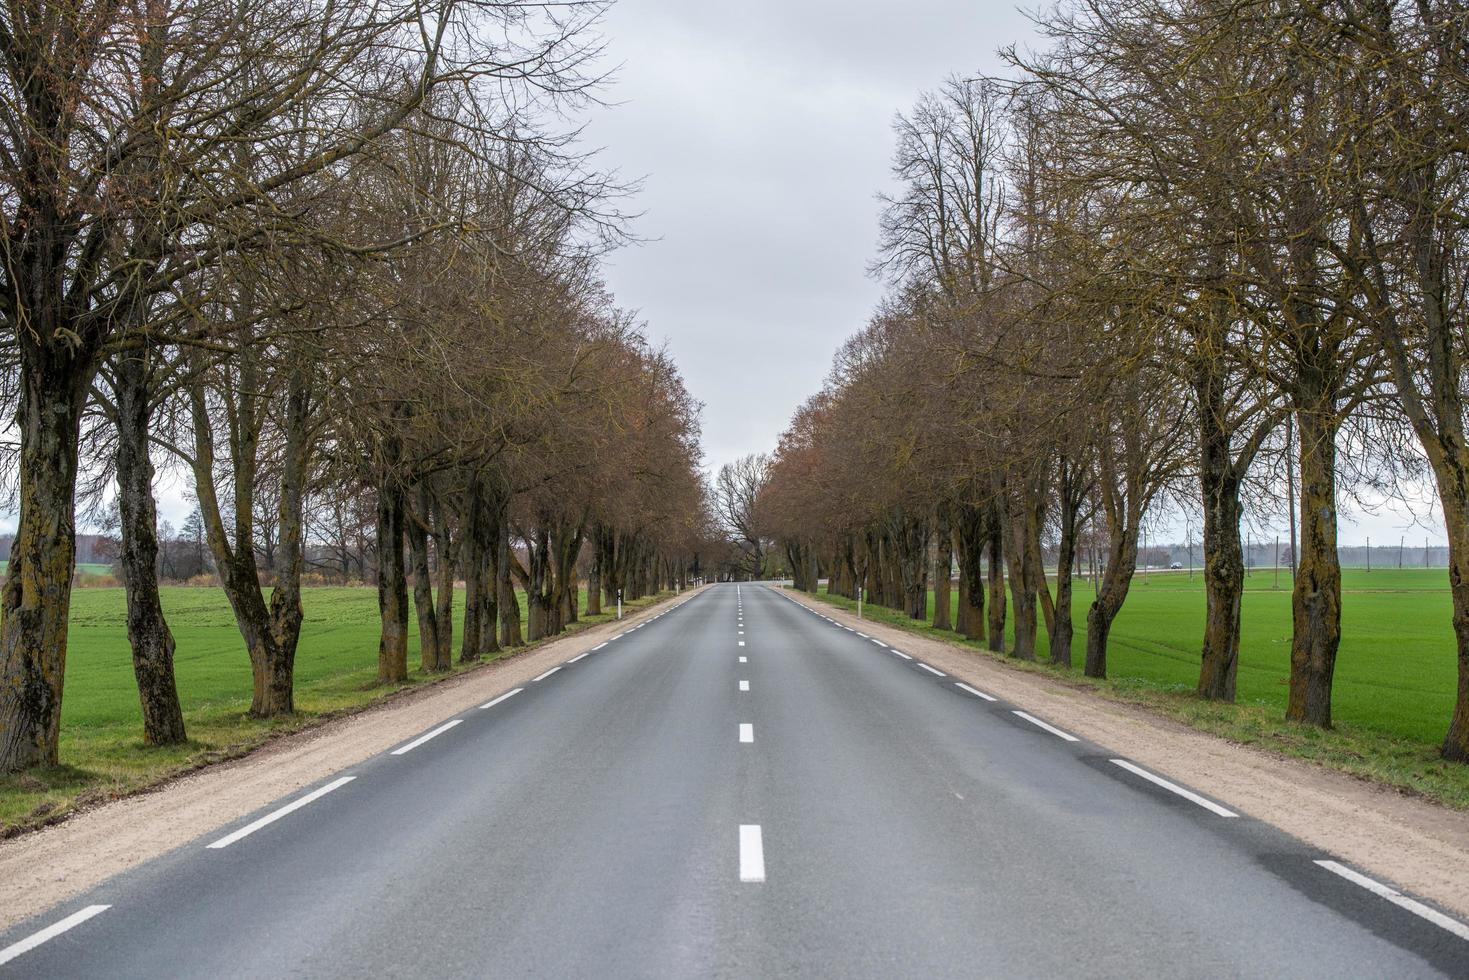 en väg genom landsbygden foto